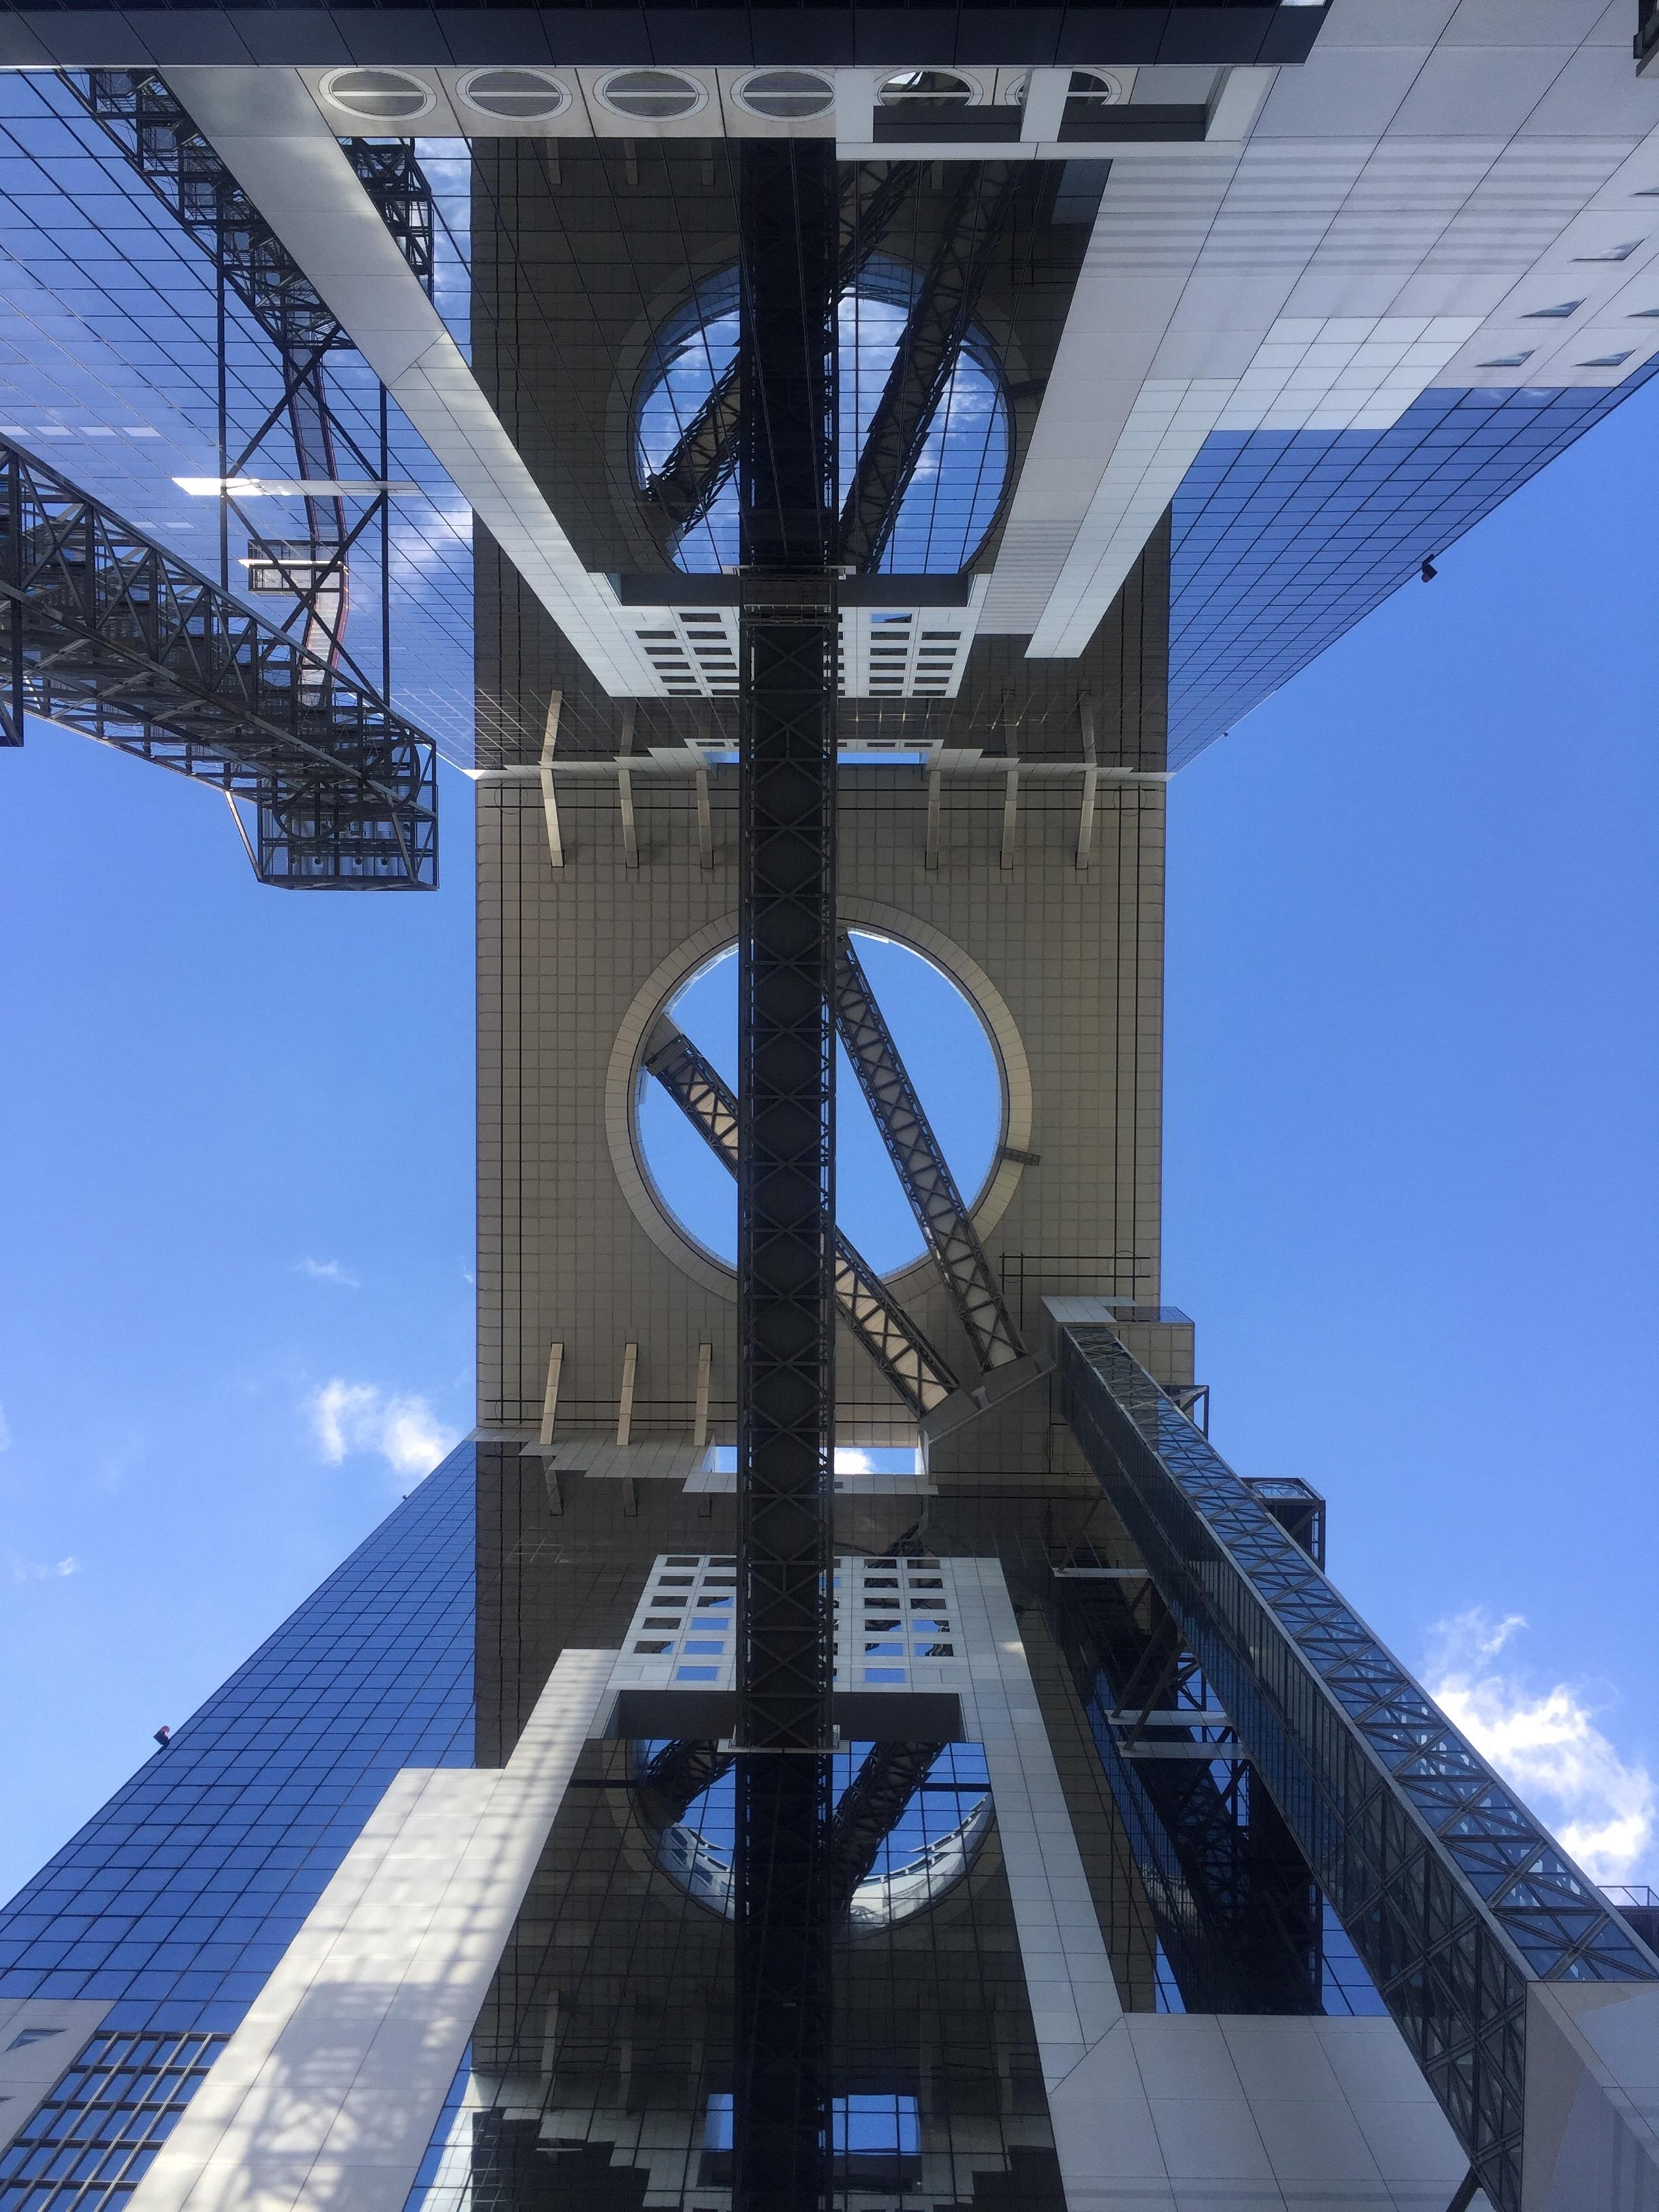 Umeda Sky Tower